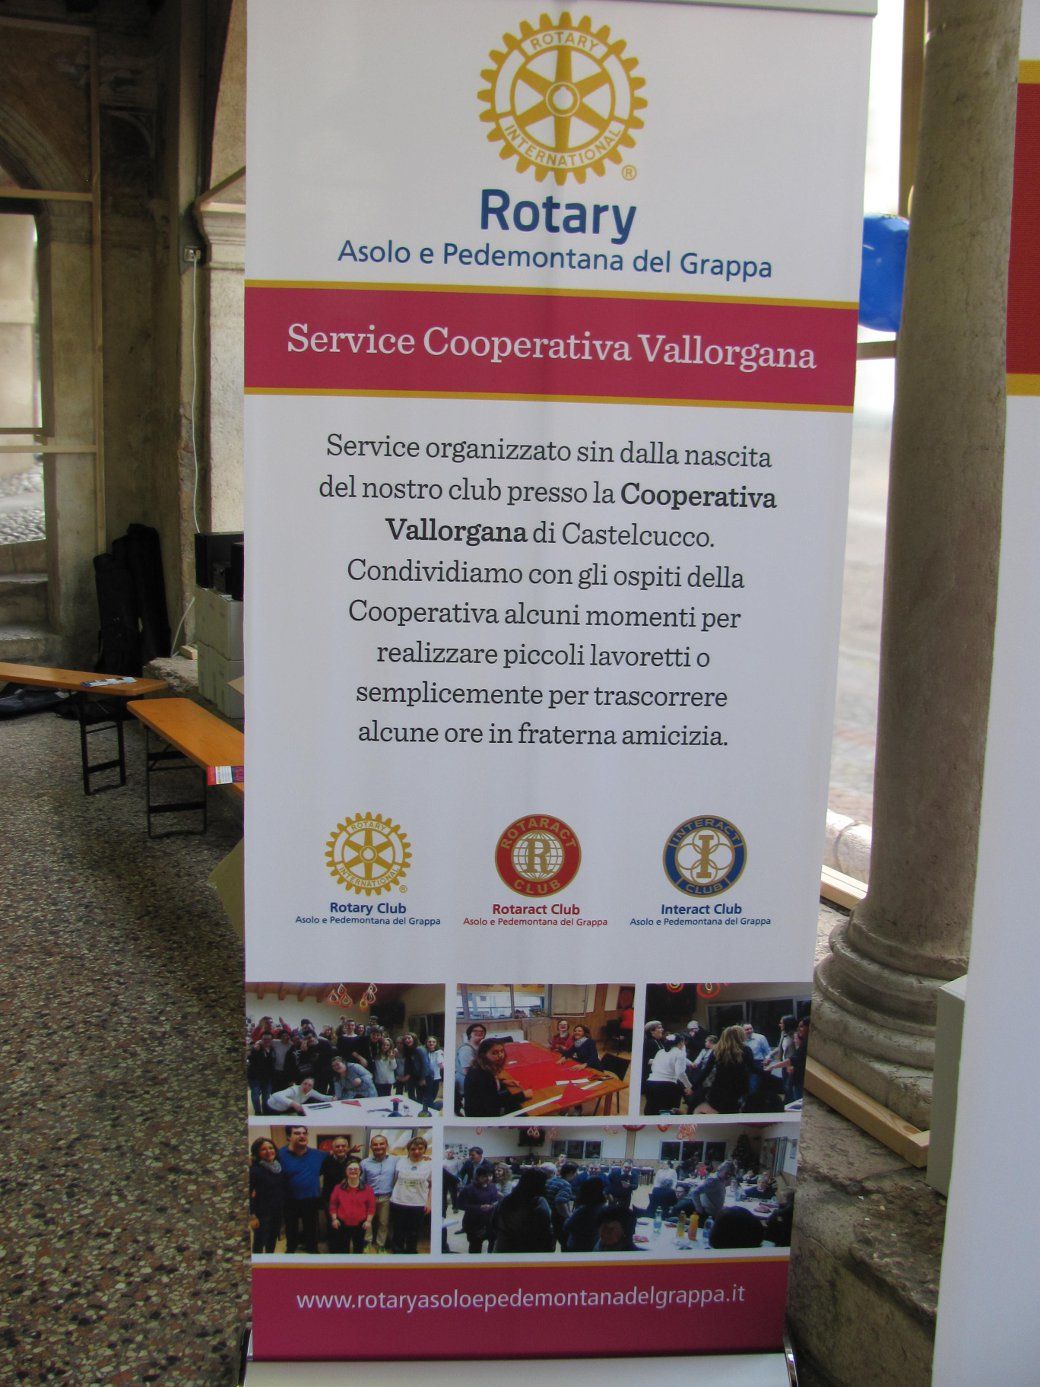 Sito Rotary Asolo manifesto